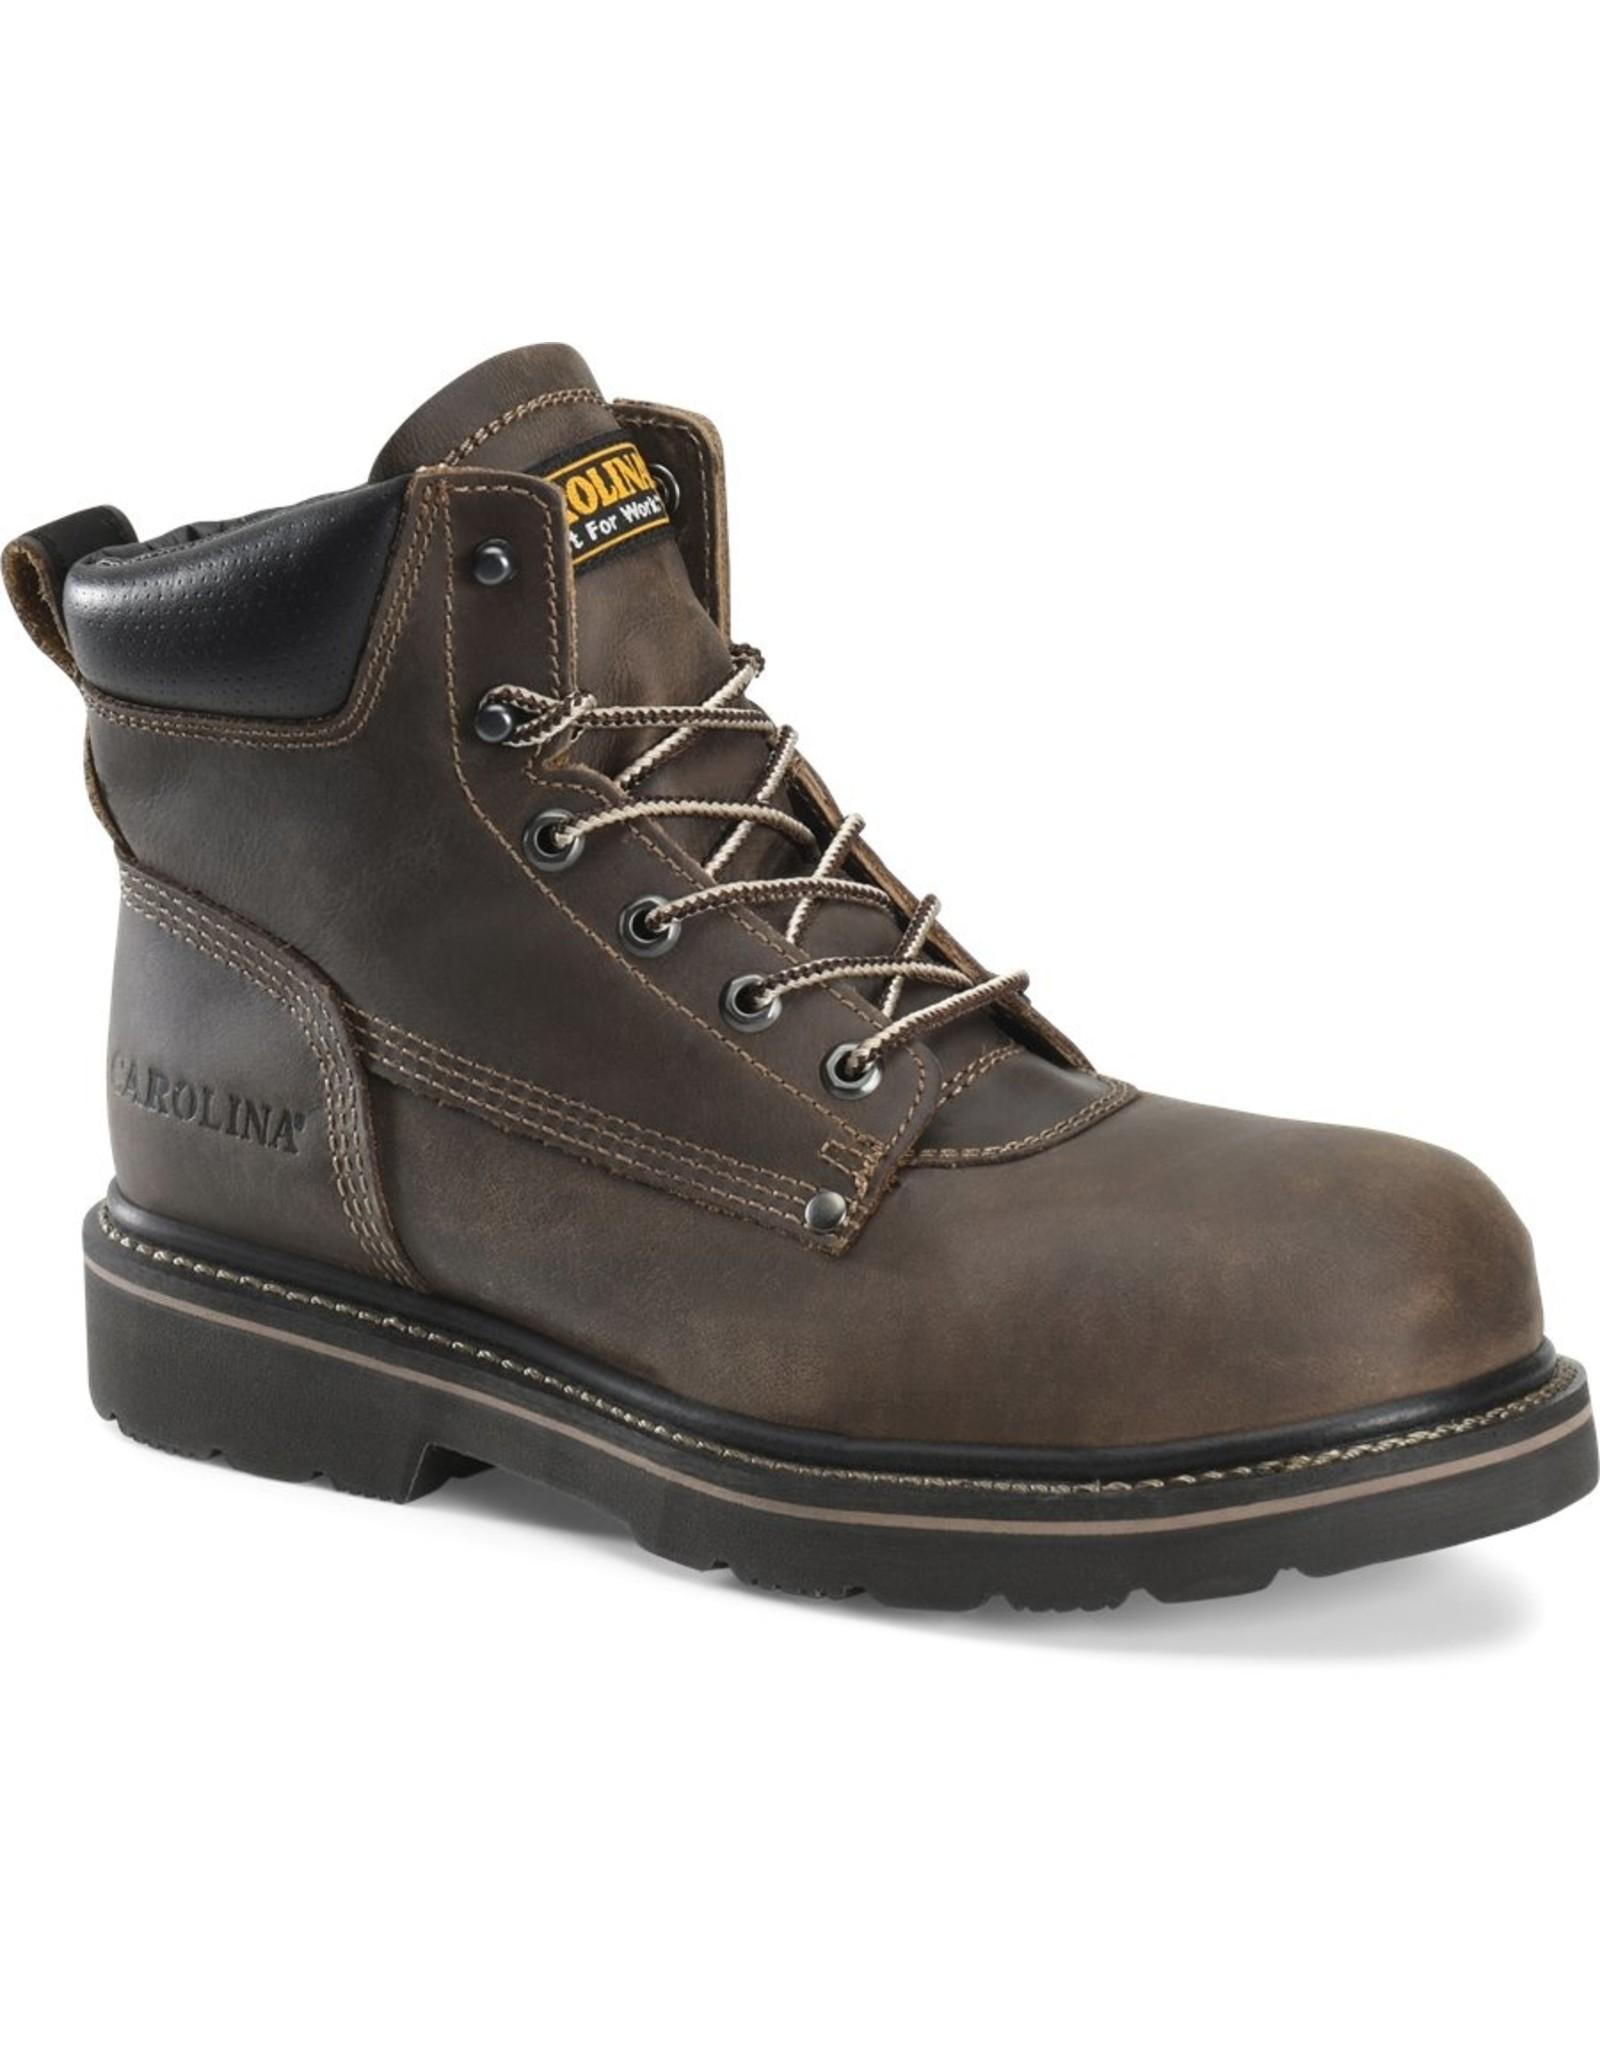 Boots-Men CAROLINA Shotcrete CA3060